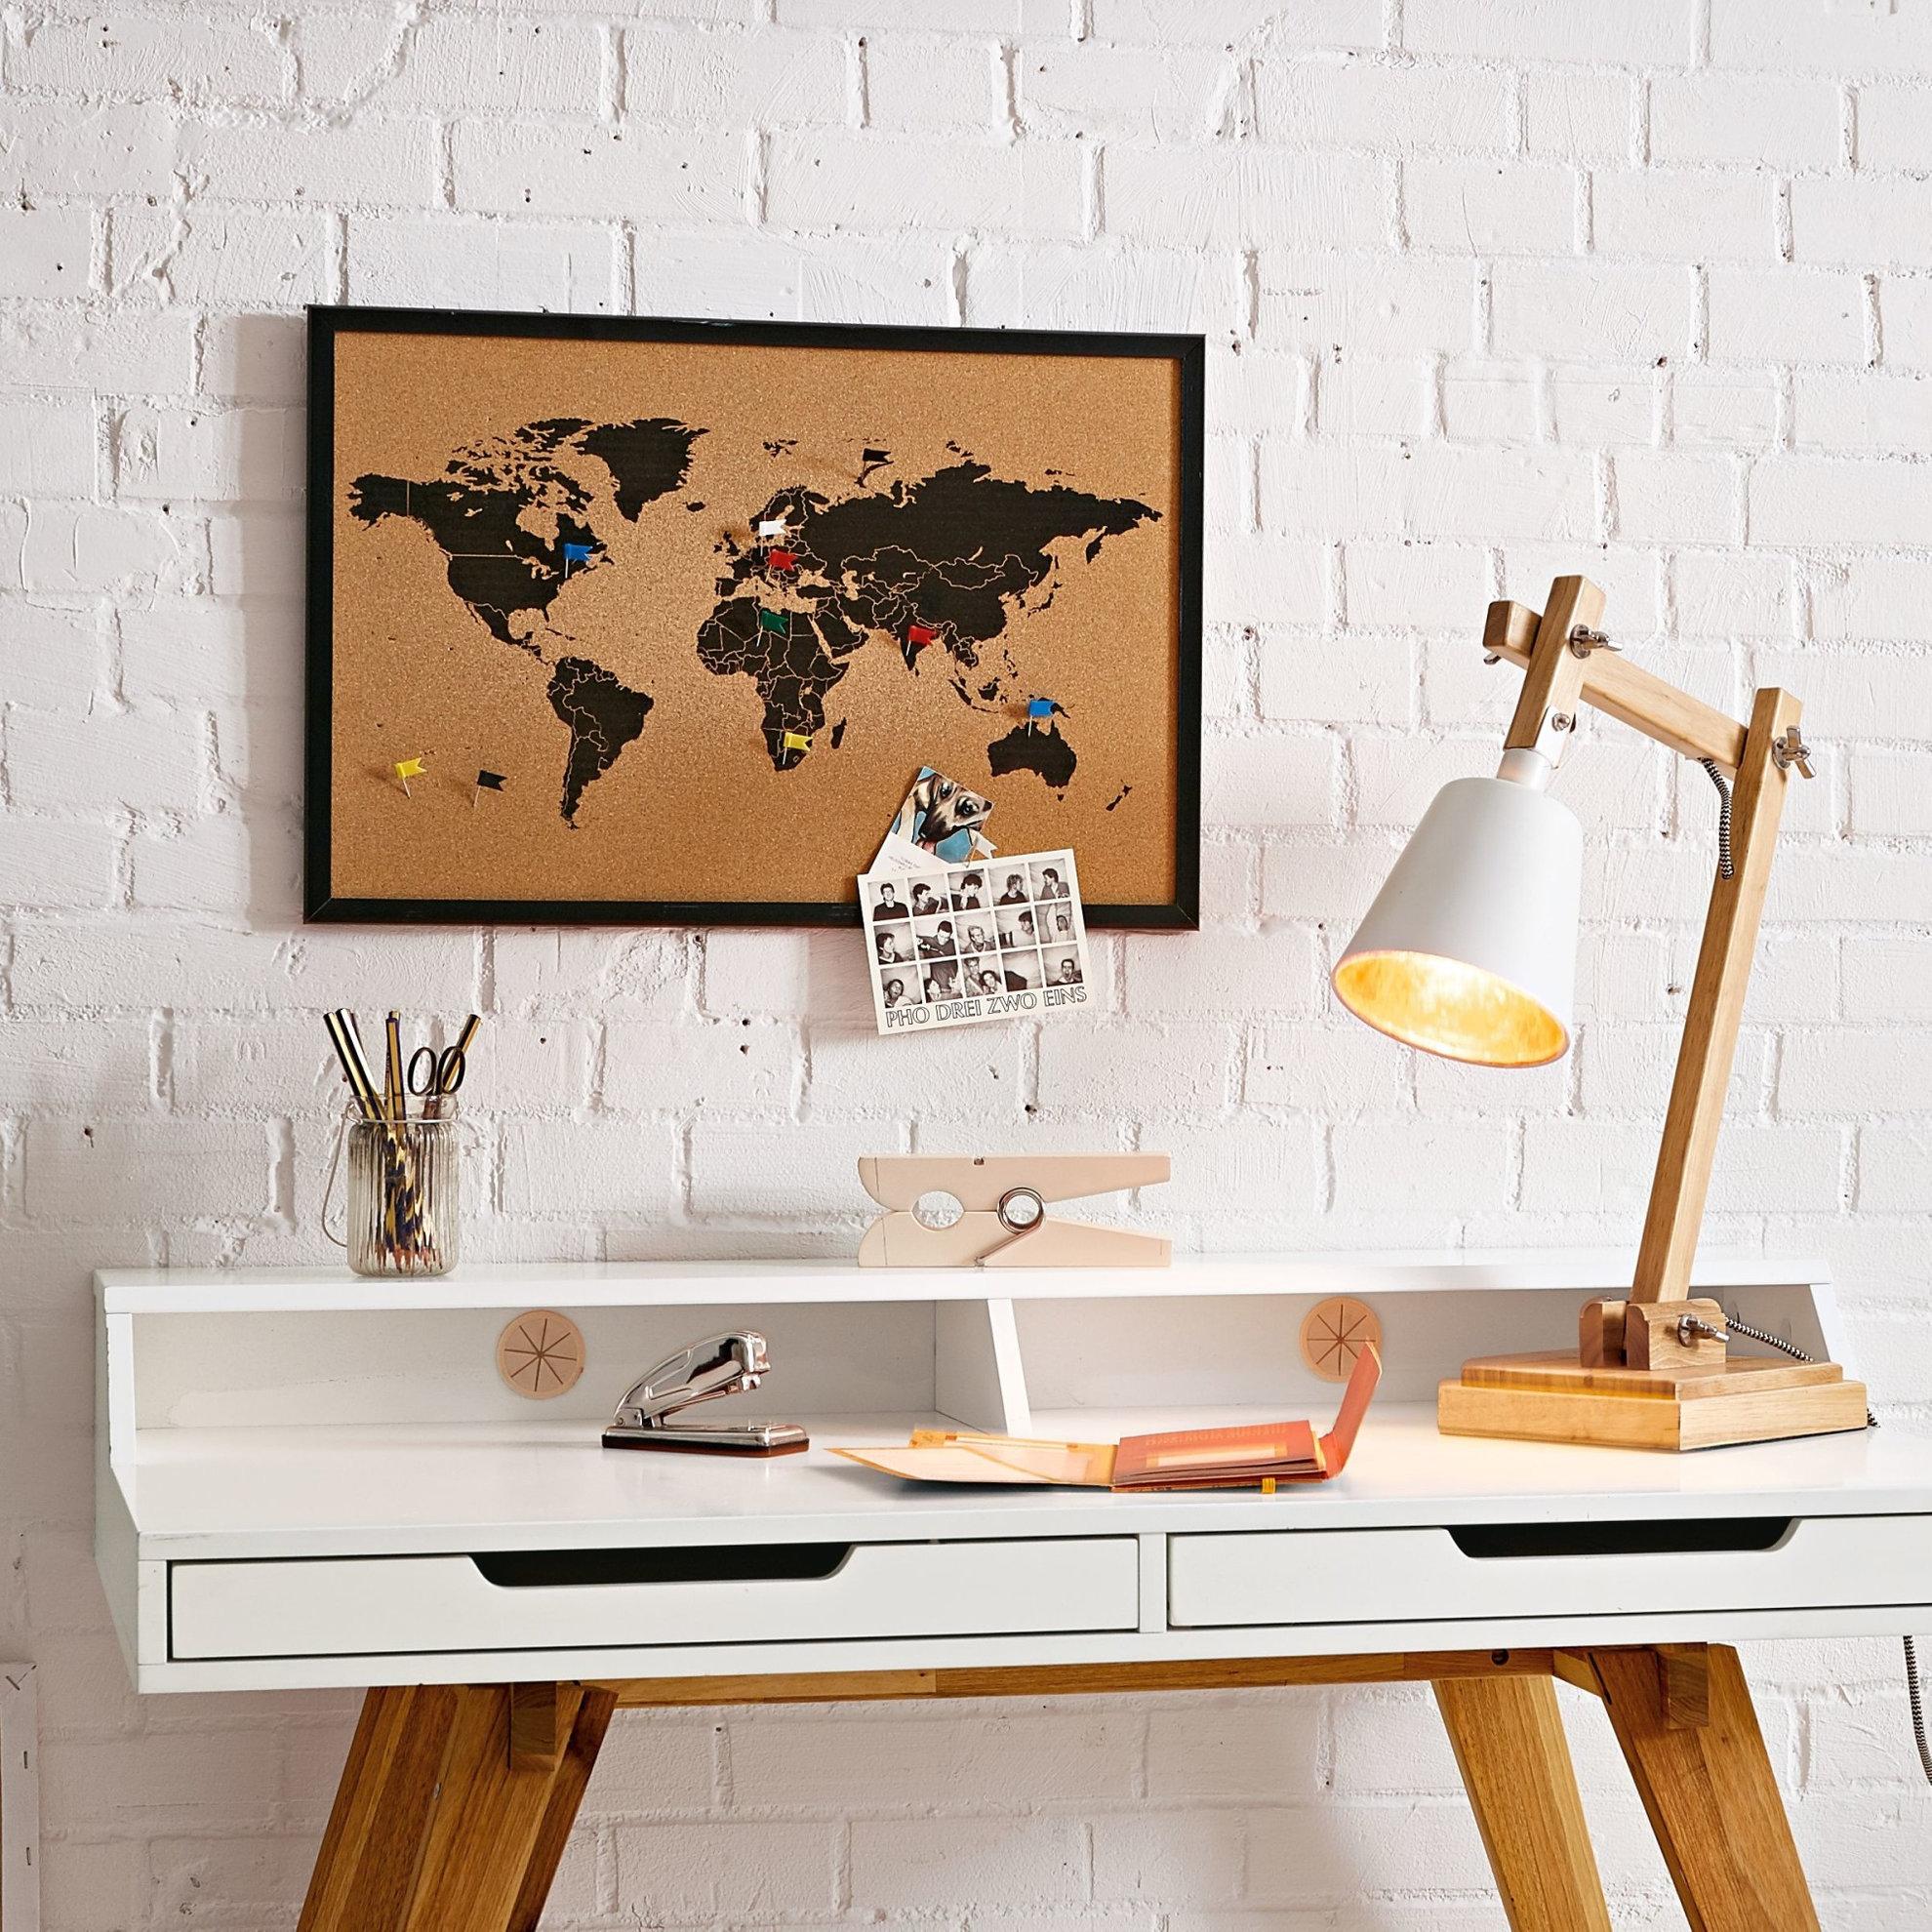 Full Size of Pinnwand Modern Weltkarte Jetzt Bei Weltbildat Bestellen Küche Weiss Moderne Duschen Esstisch Holz Modernes Bett Deckenlampen Wohnzimmer Deckenleuchte Bilder Wohnzimmer Pinnwand Modern